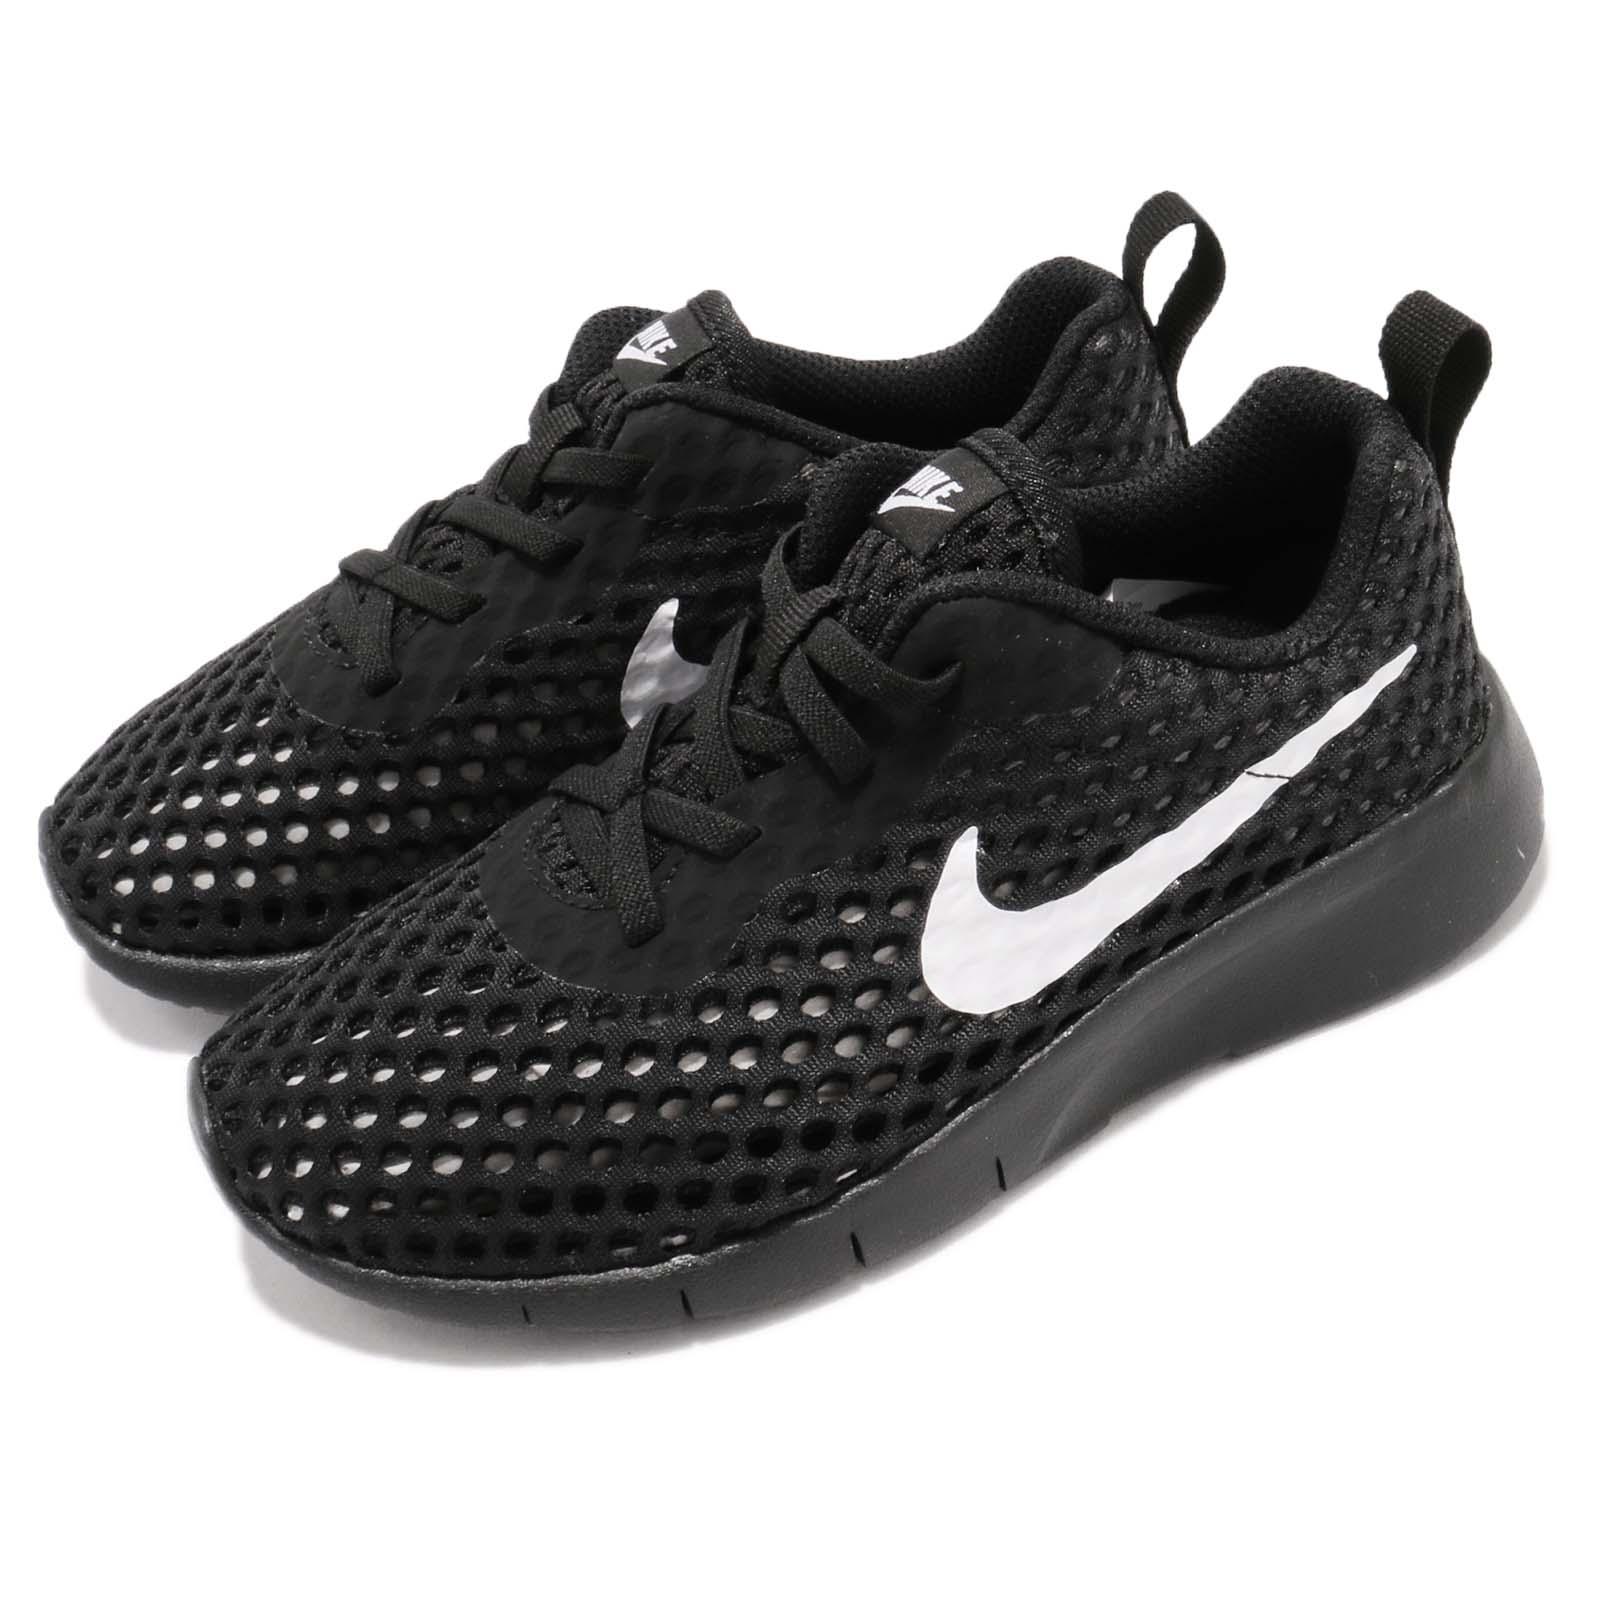 Nike 休閒鞋 TANJUN BR 童鞋 AO9604-001